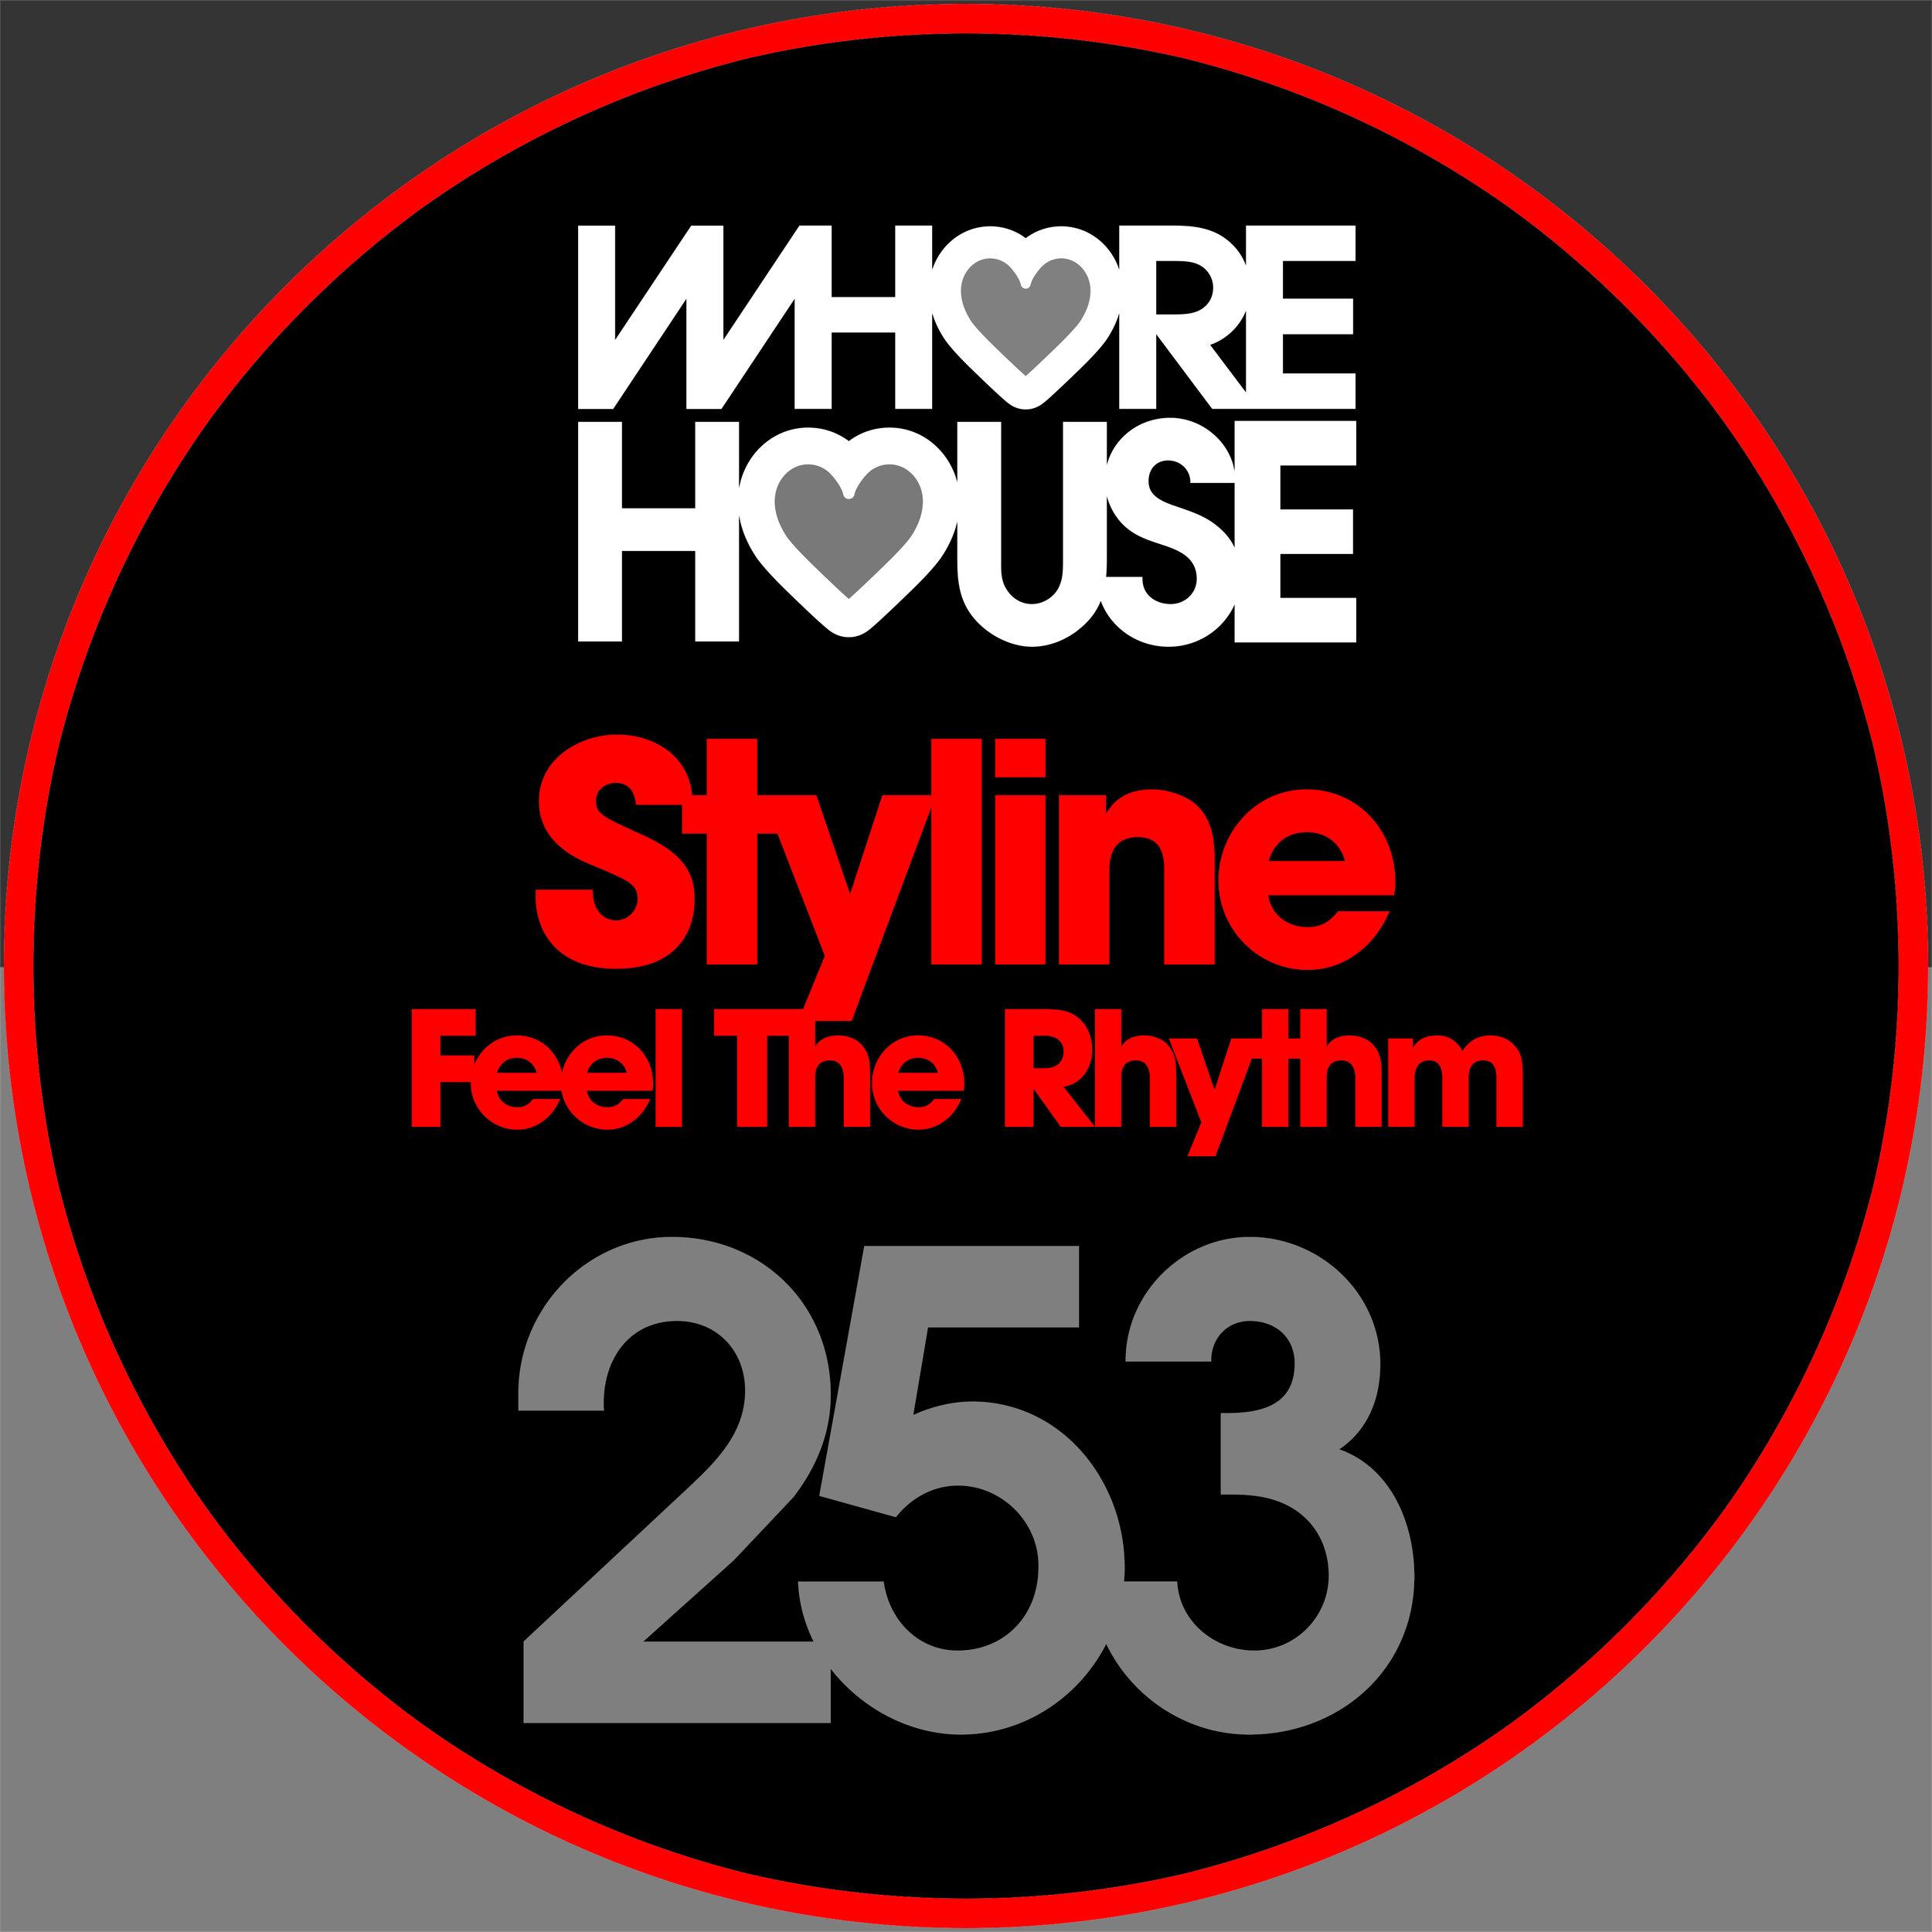 Styline - Feel The Rhythm.jpg